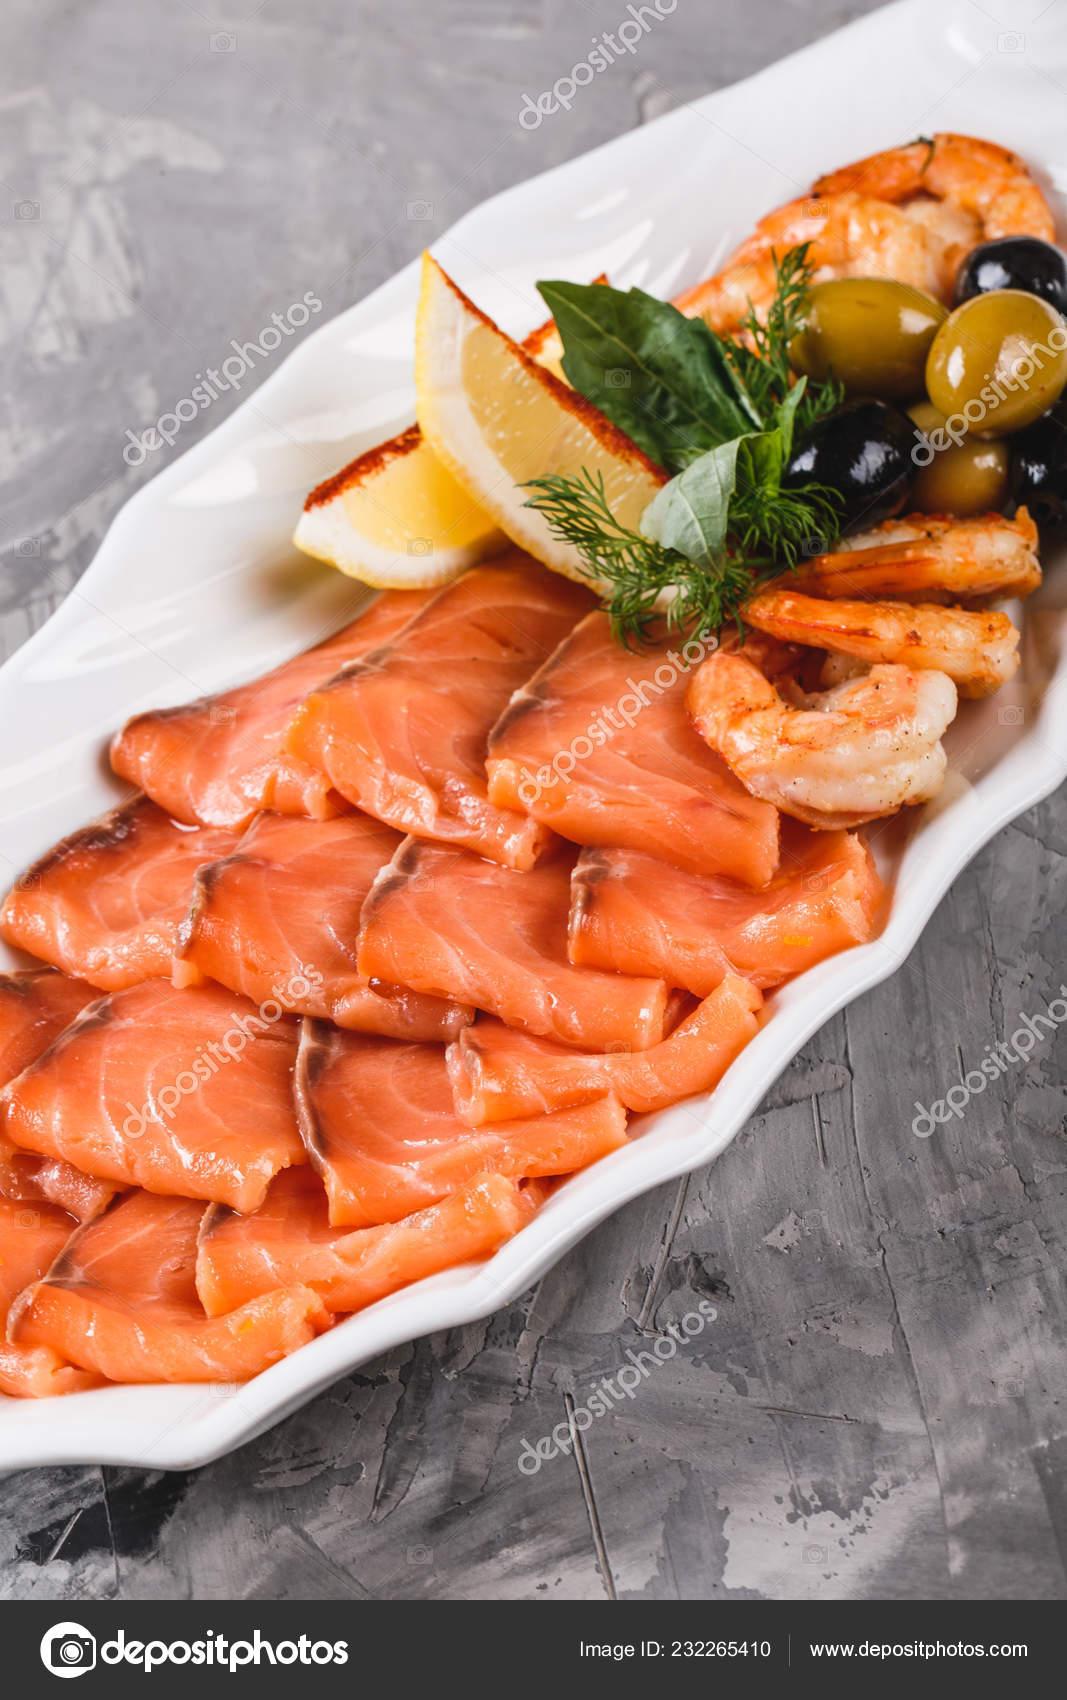 Seafood Platter Salmon Slice Shrimp Slices Fish Fillet Decorated Olives Stock Photo C Valentinjukov 232265410